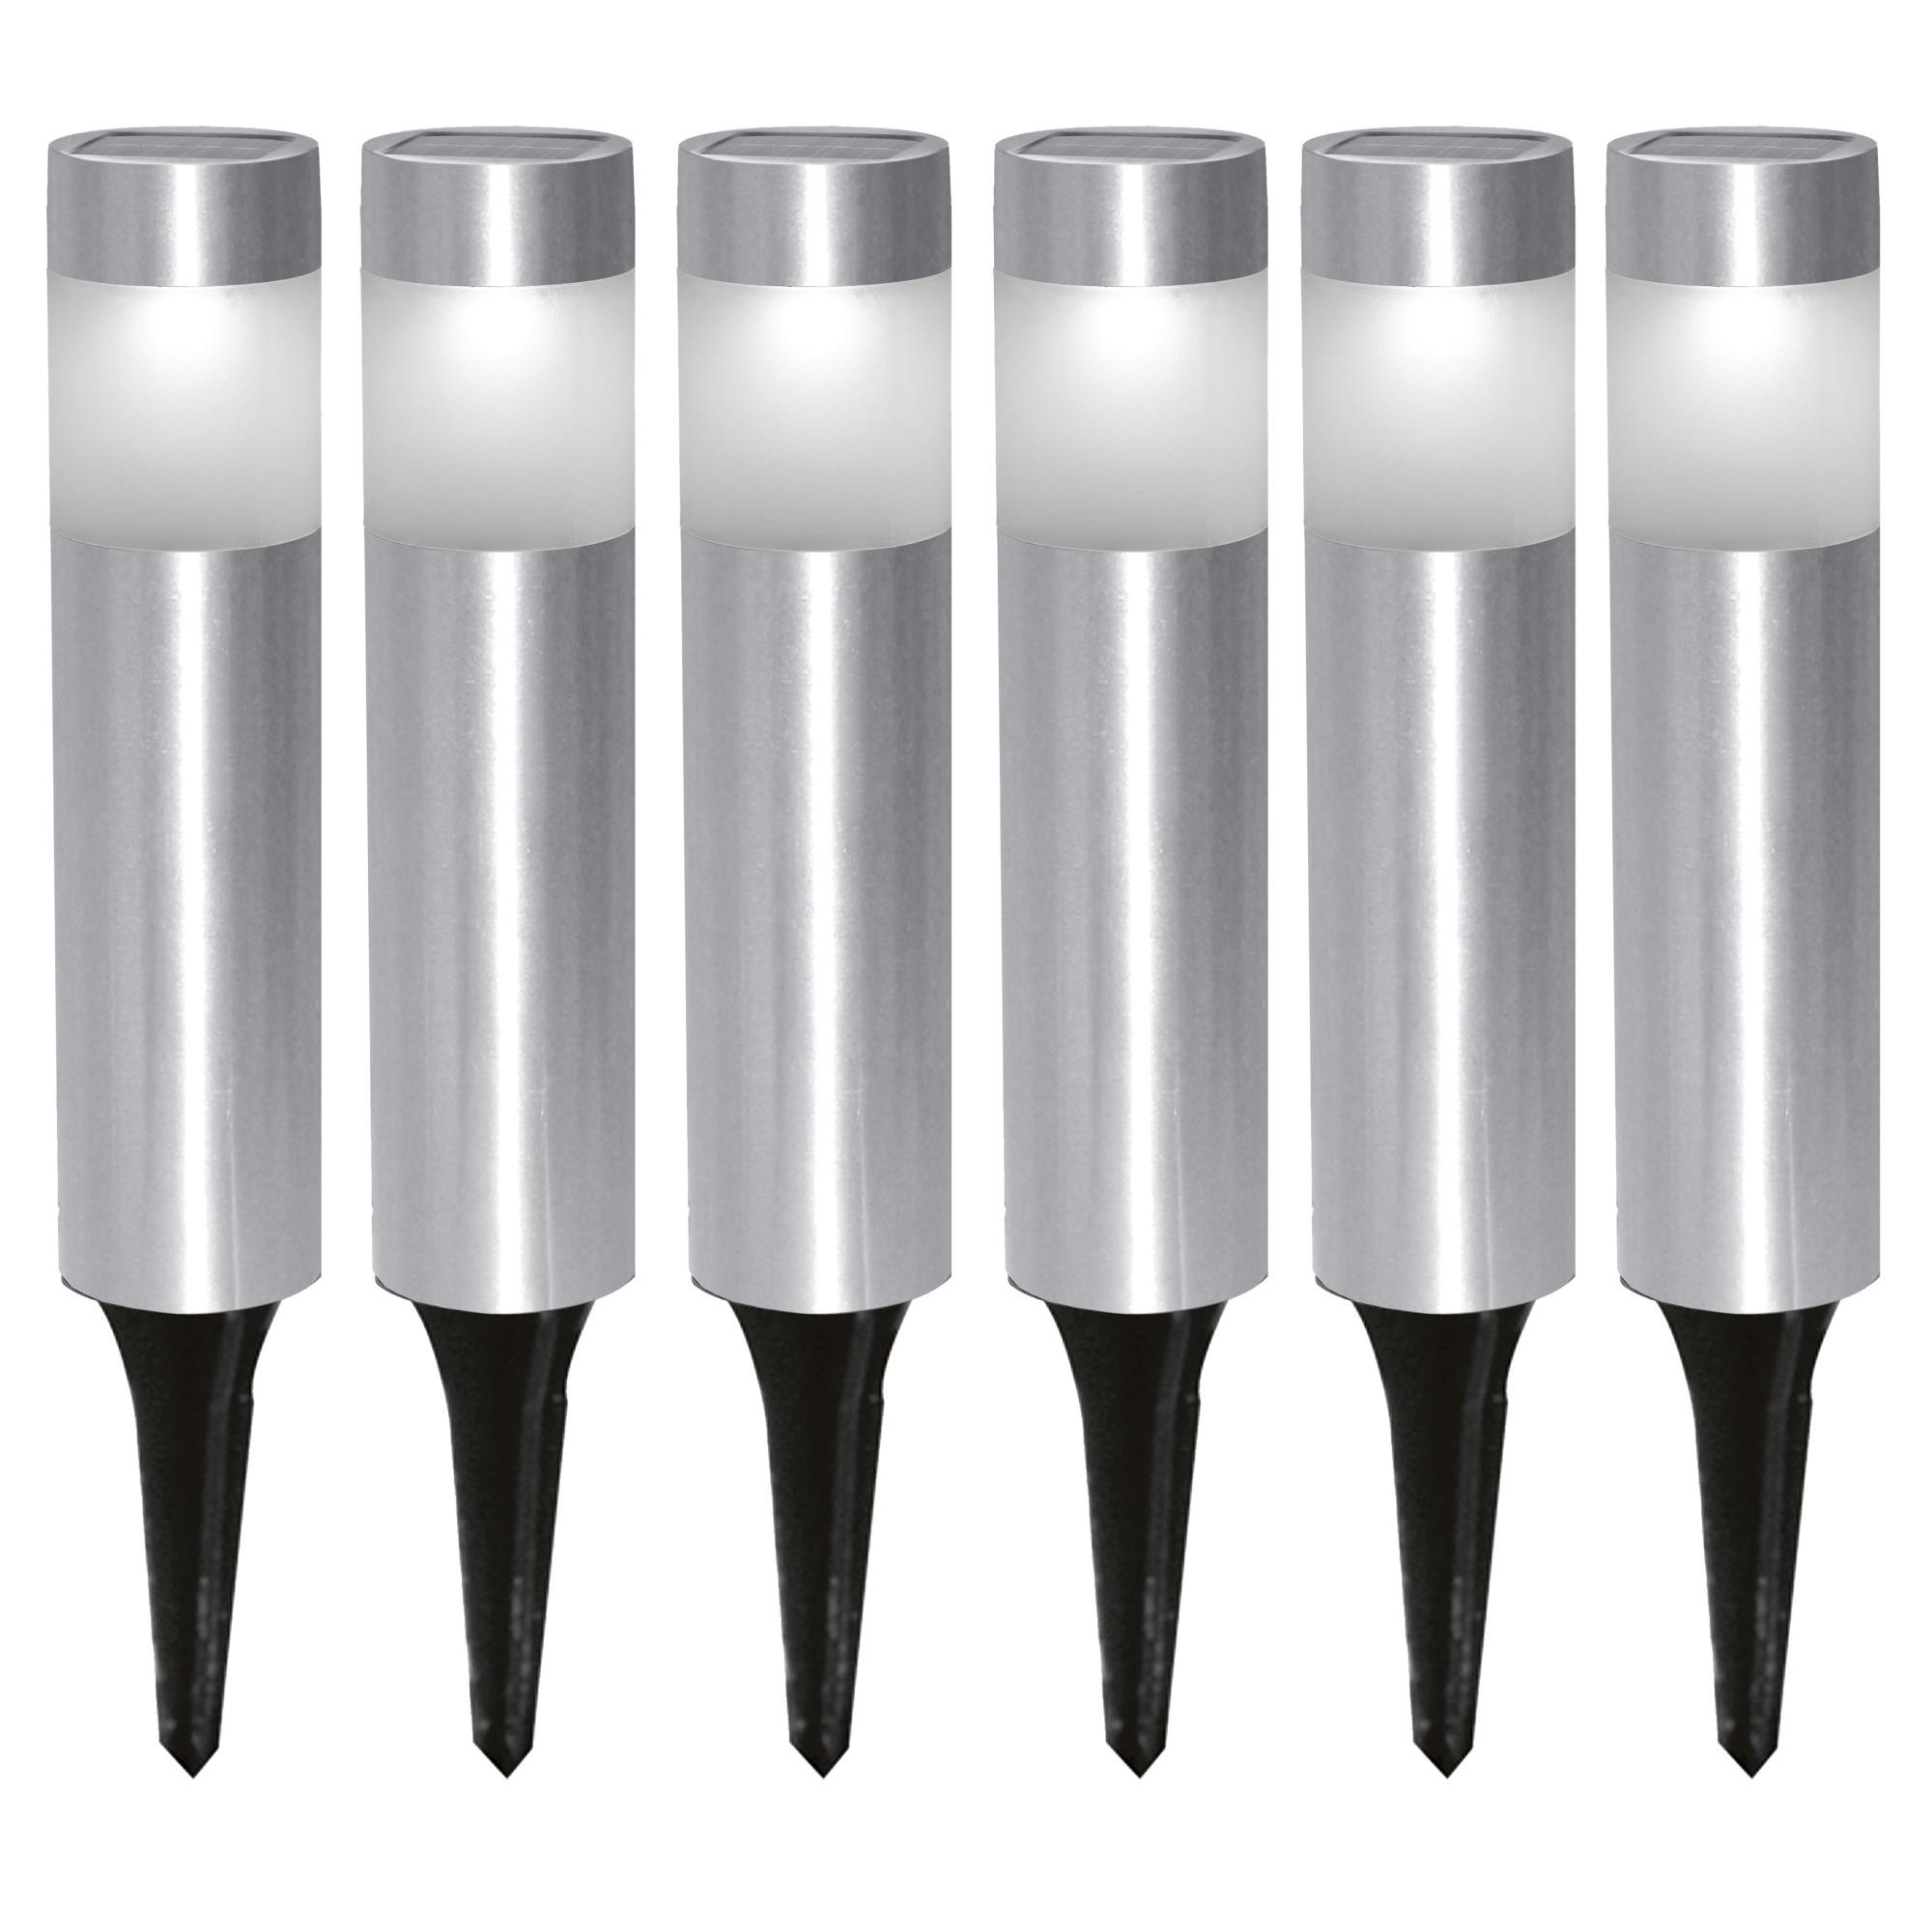 Eglo 48494 Solar Sokkellamp 6 pack